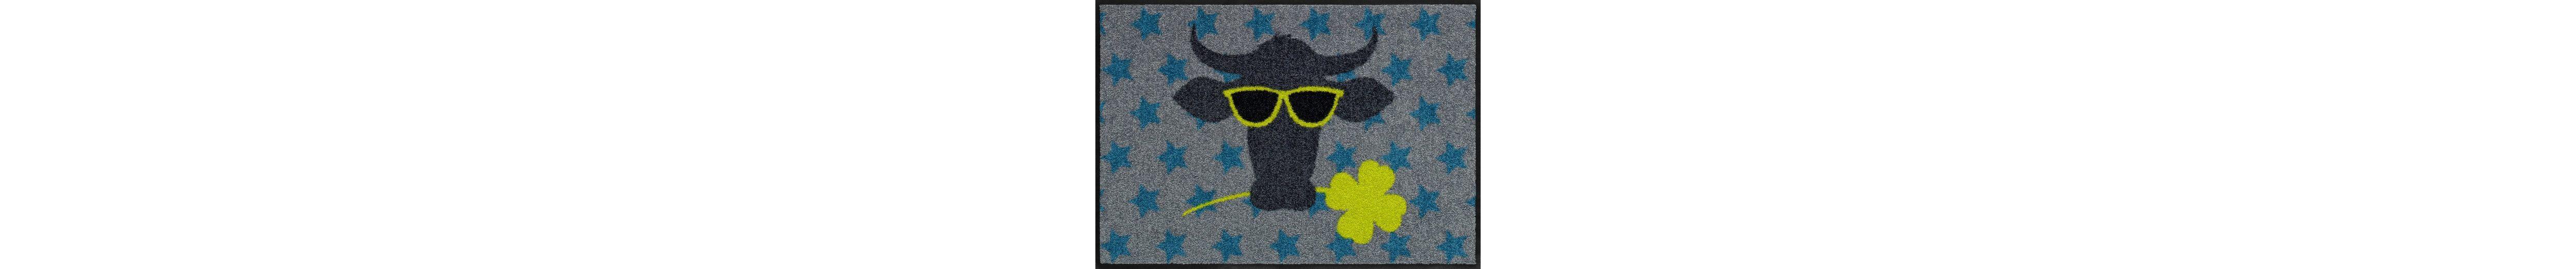 Fußmatte, Salonloewe, »Funky Cow«, waschbar, In- und Outdoor mit rutschhemmender Beschichtung